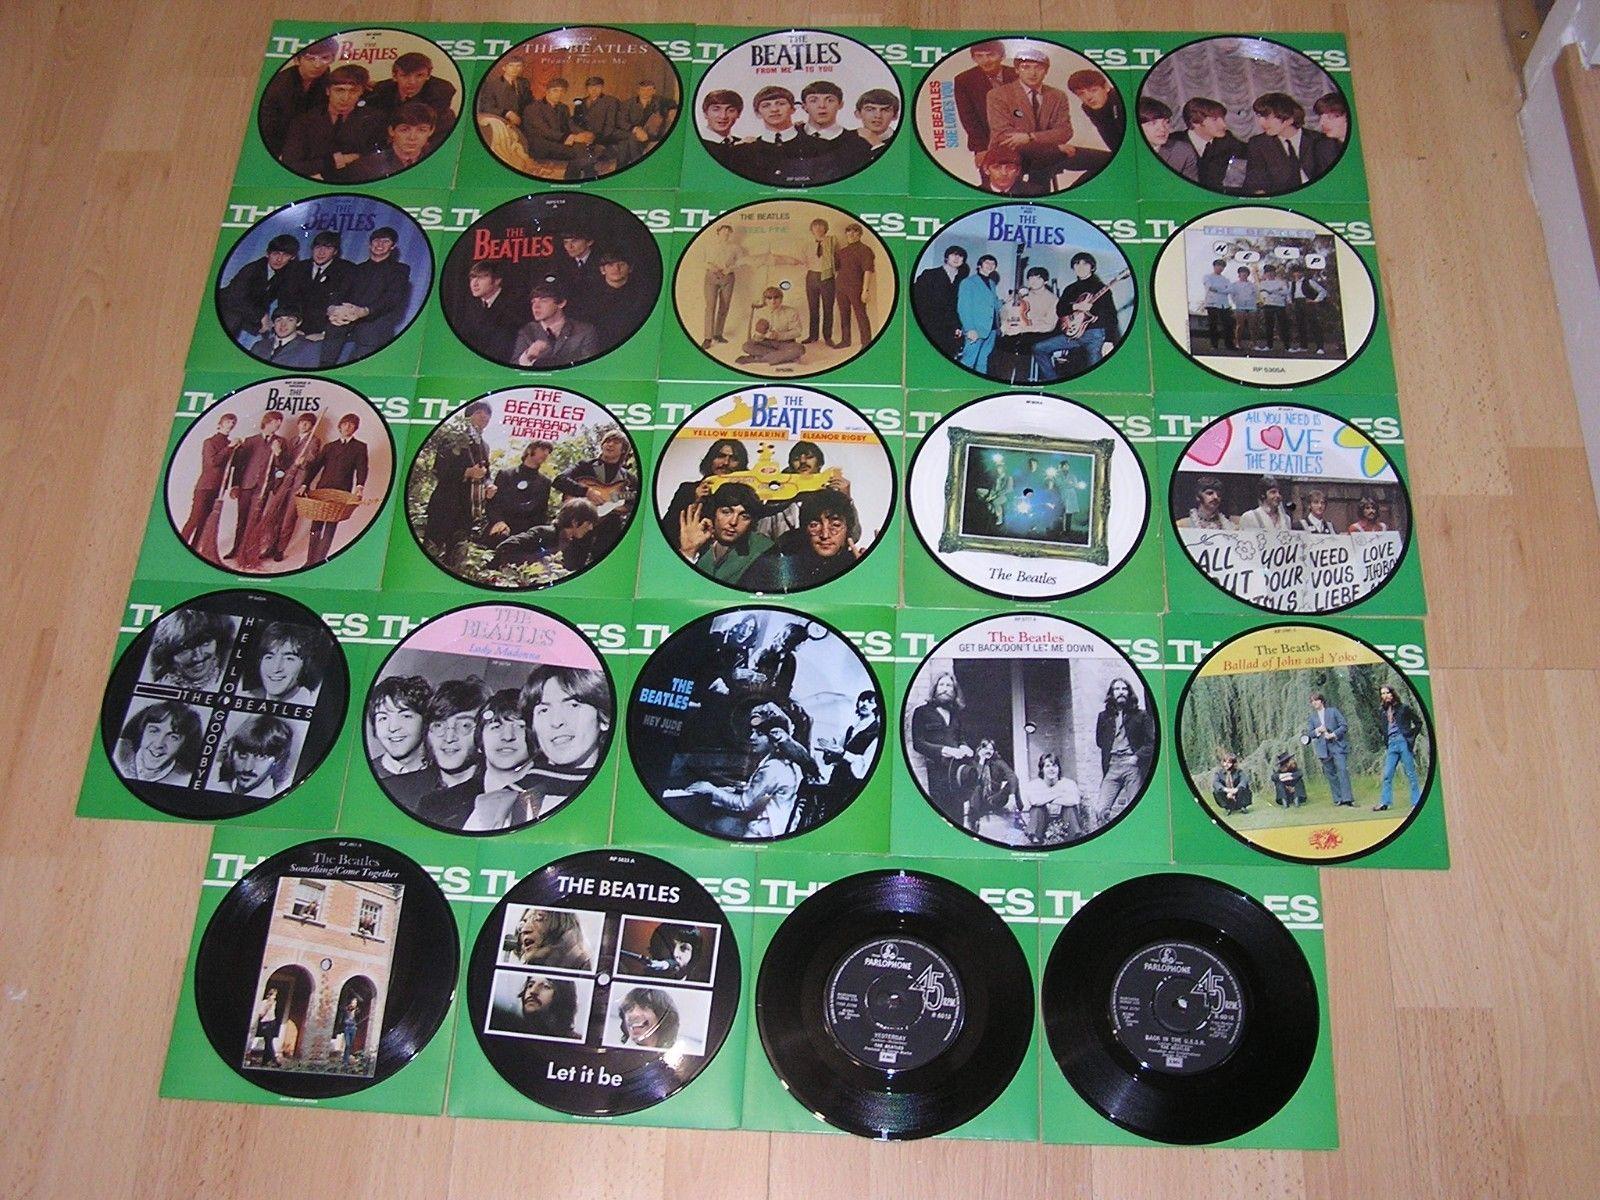 The Beatles - picture disc vinyle single collection + nombreux bonus